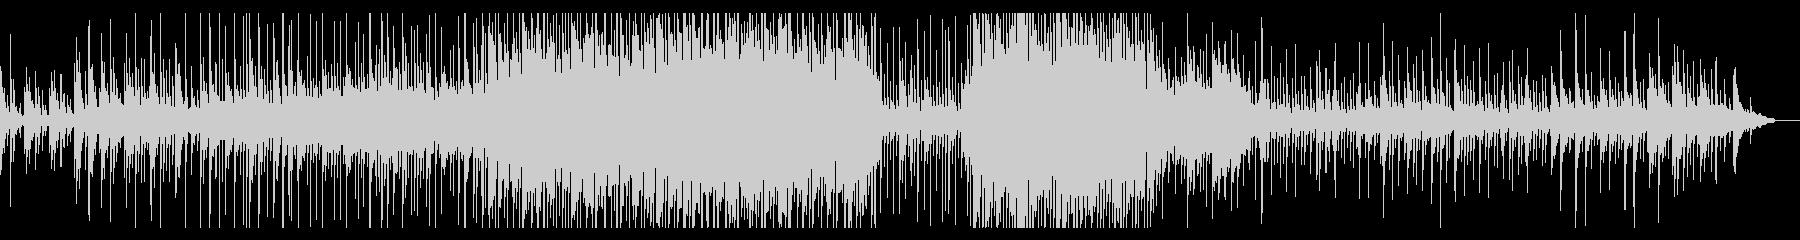 【ピアノ&ストリングス】感動系の映像向けの未再生の波形